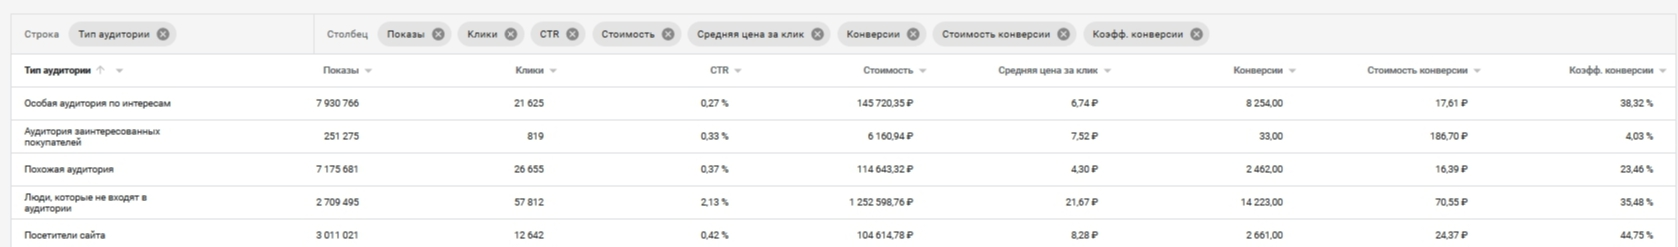 Как использовать особые аудитории по интересам в контекстно-медийной сети Google